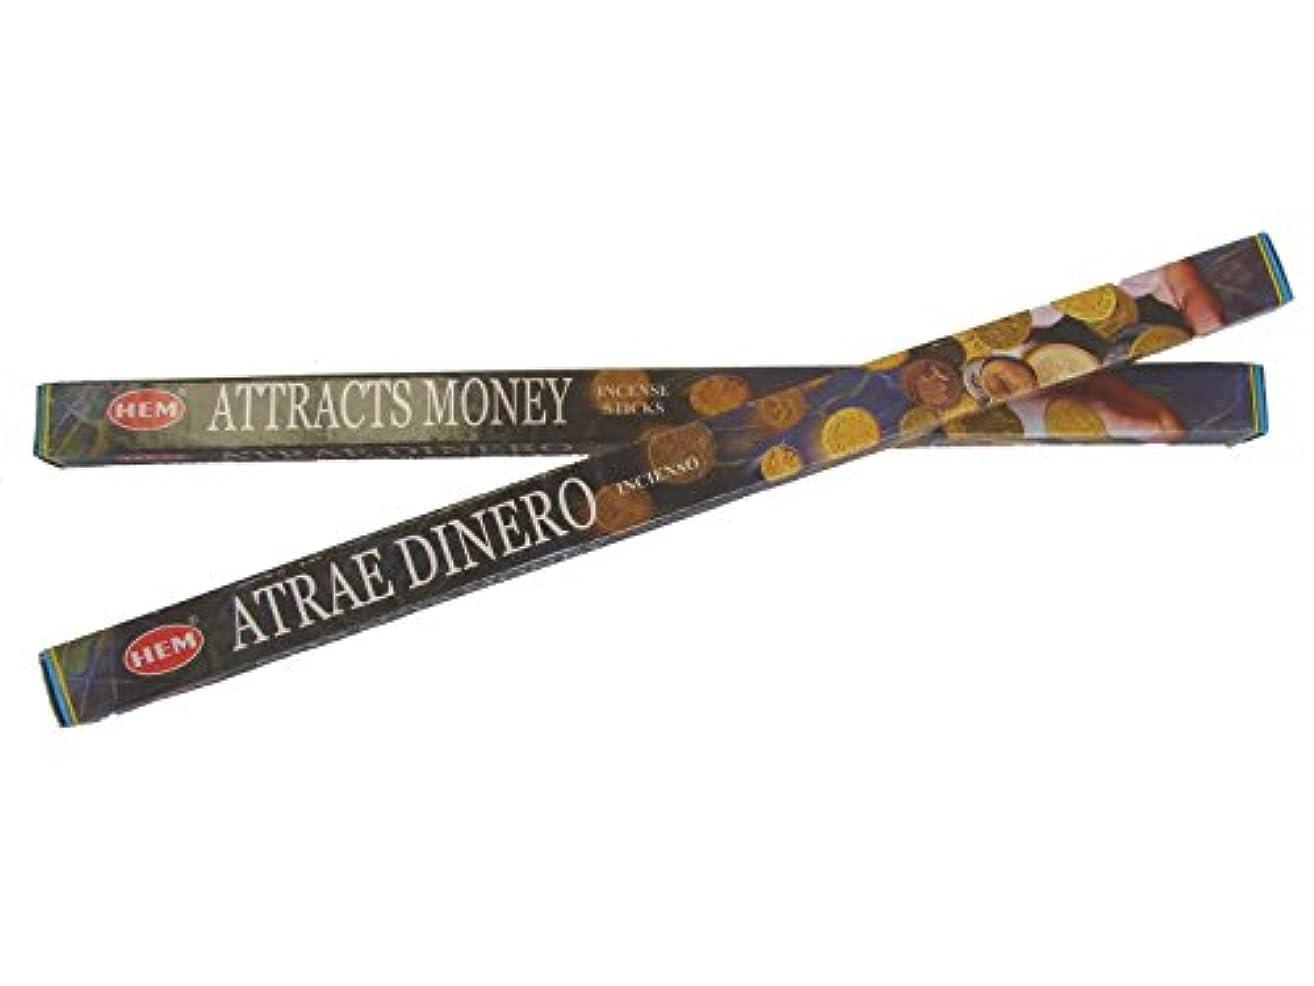 緊急マウスピース笑い4 Boxes of Attracts Money Incense Sticks